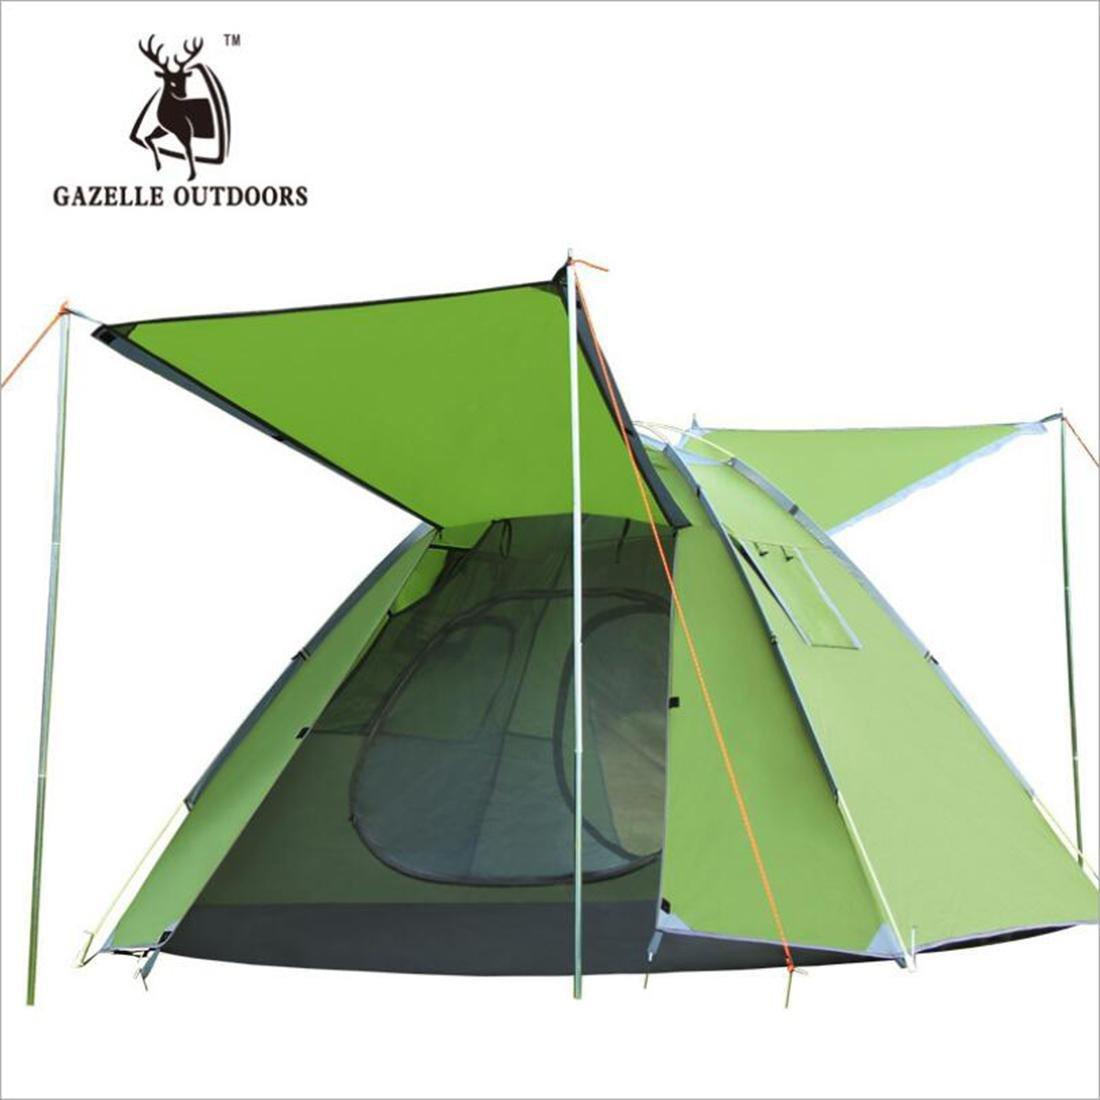 LDD STAR Outdoor Zelt 3-4 Personen schnell öffnen Diamanten doppelte atmungsaktive automatische Camping Zelte Outdoor LieferungenRechenschaftsbügeleisen (nicht enthalten)